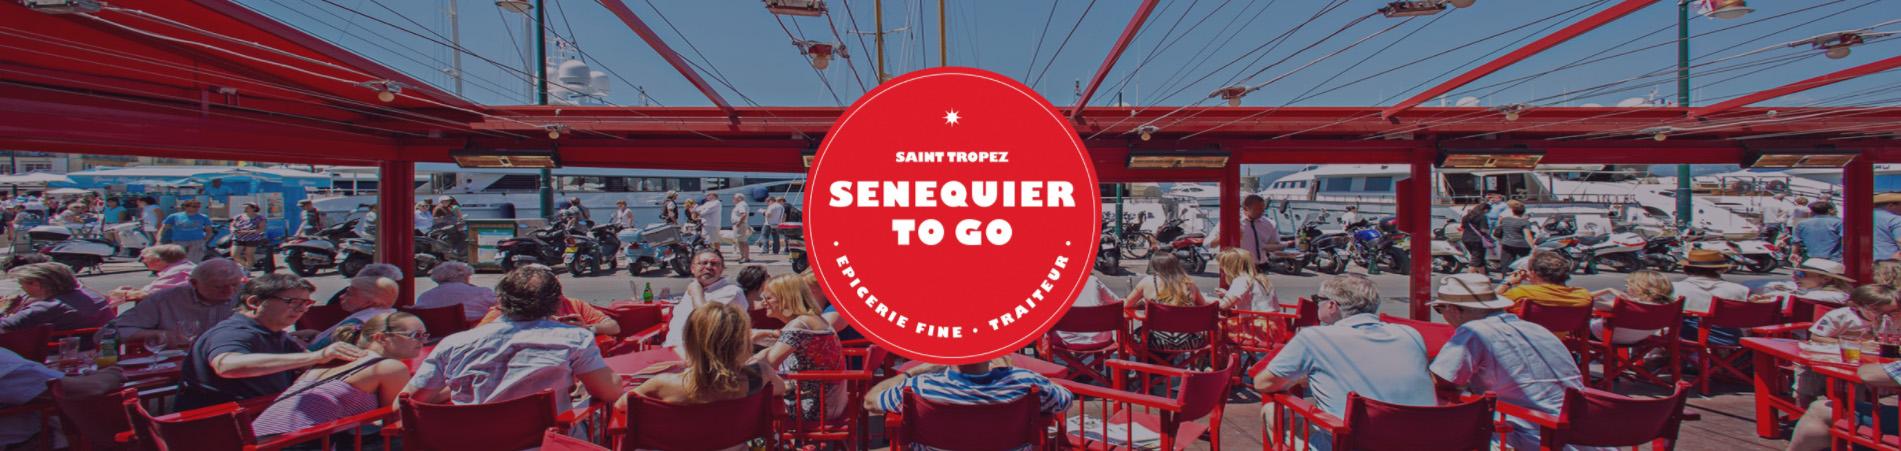 Senequier to Go